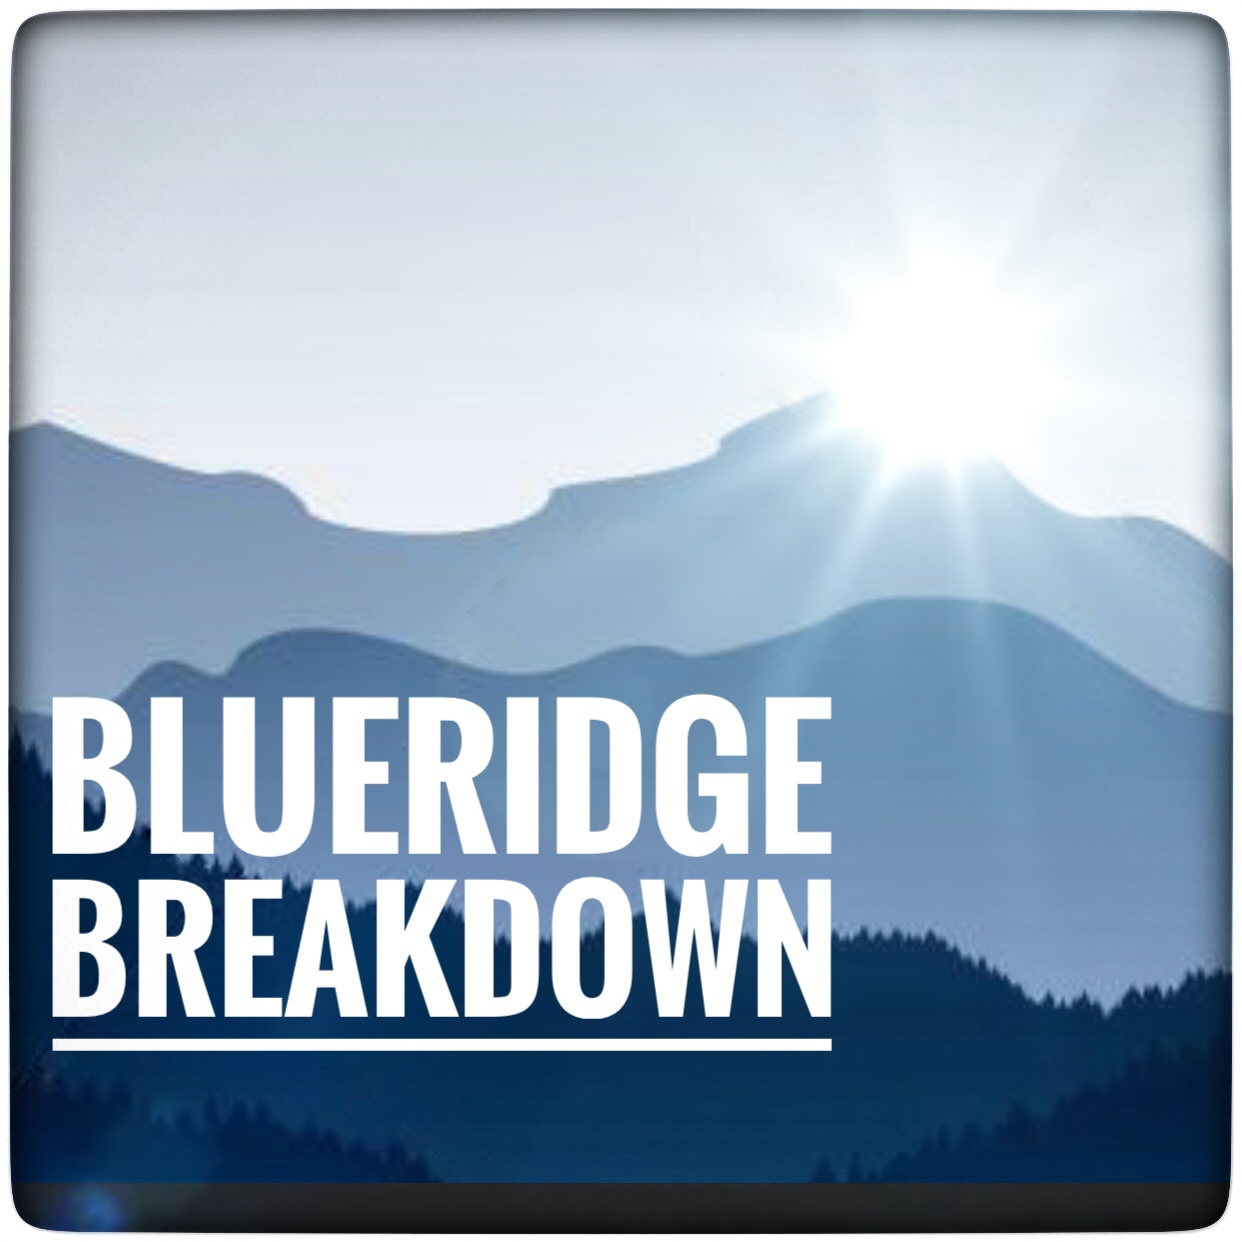 Blueridge Breakdown placeholder image